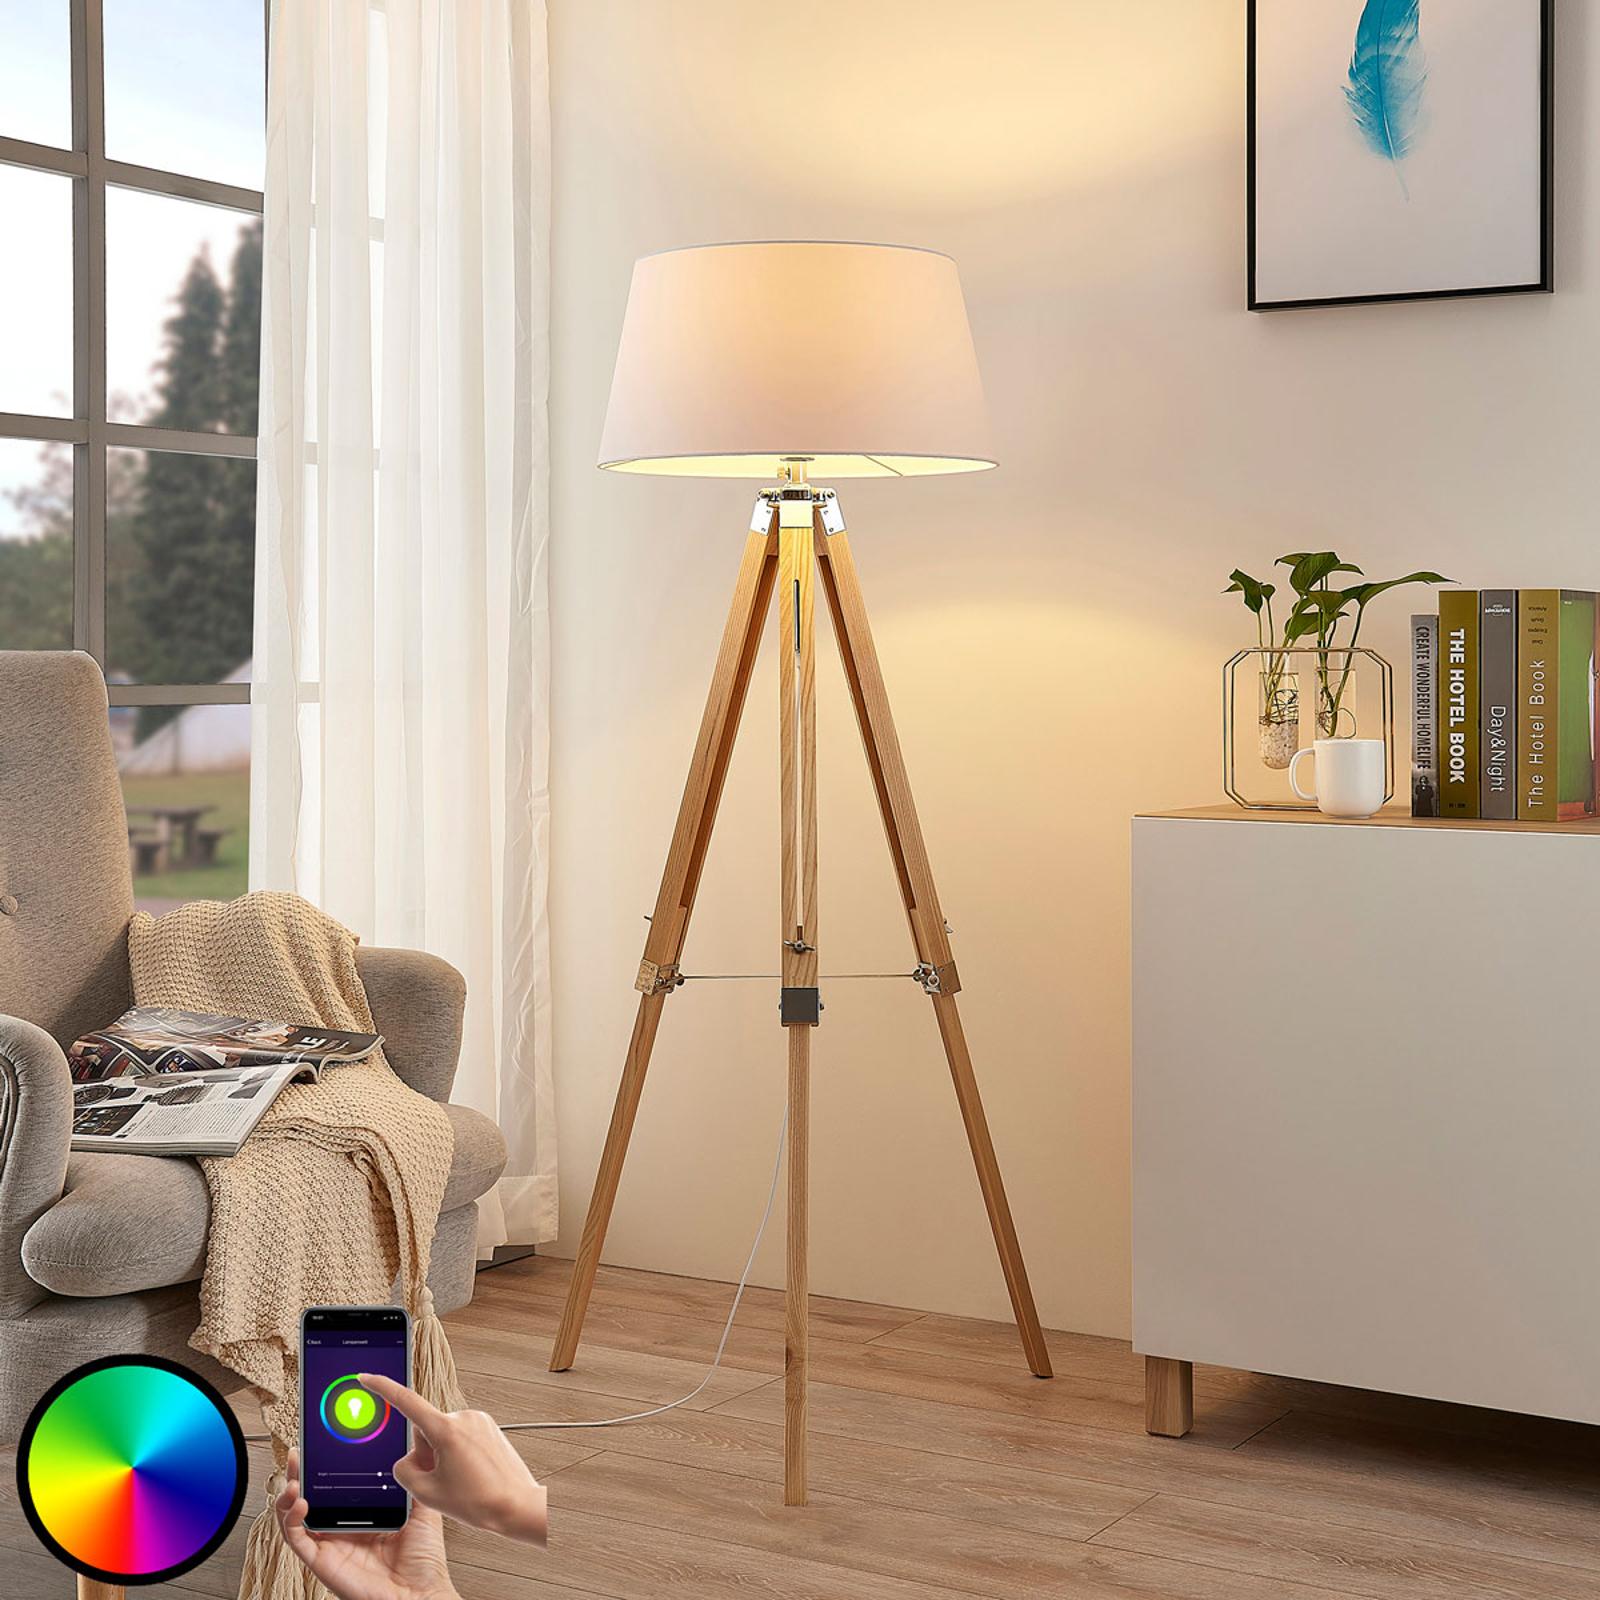 Lampada LED da pavimento Alessa, treppiede, RGB